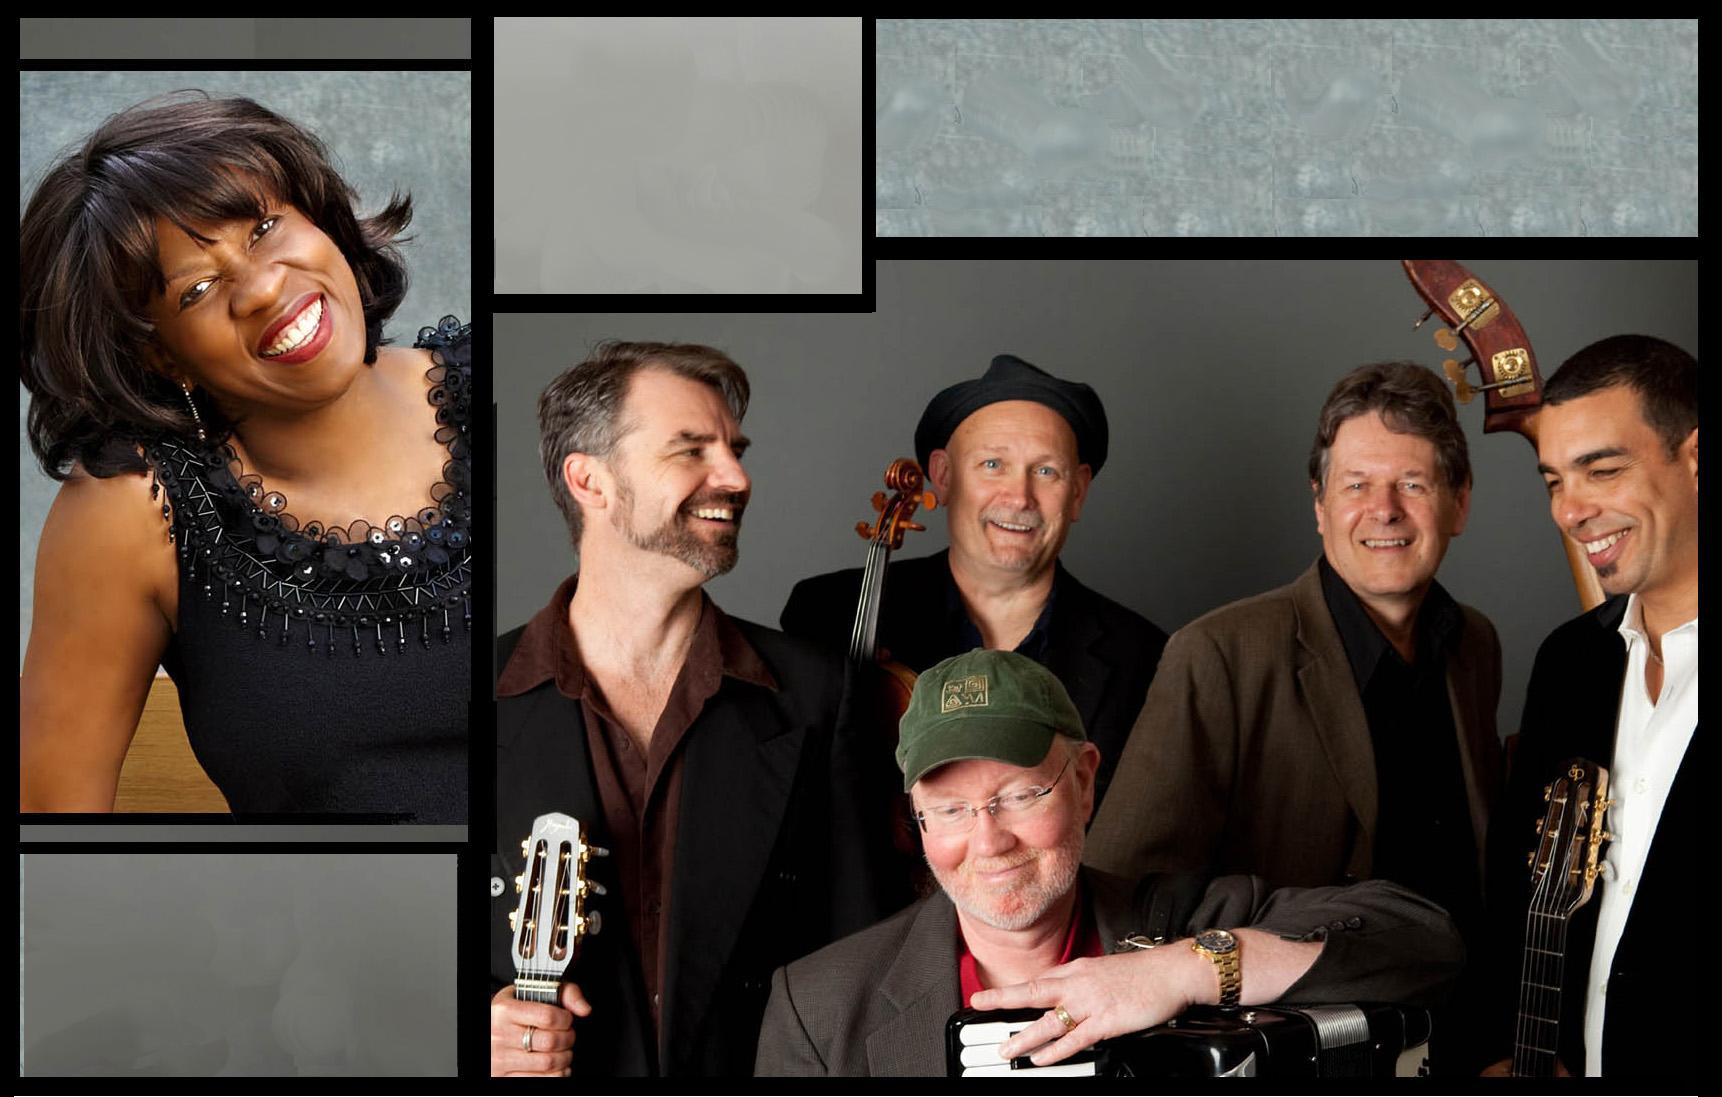 Gail Pettis and members of Pearl Django